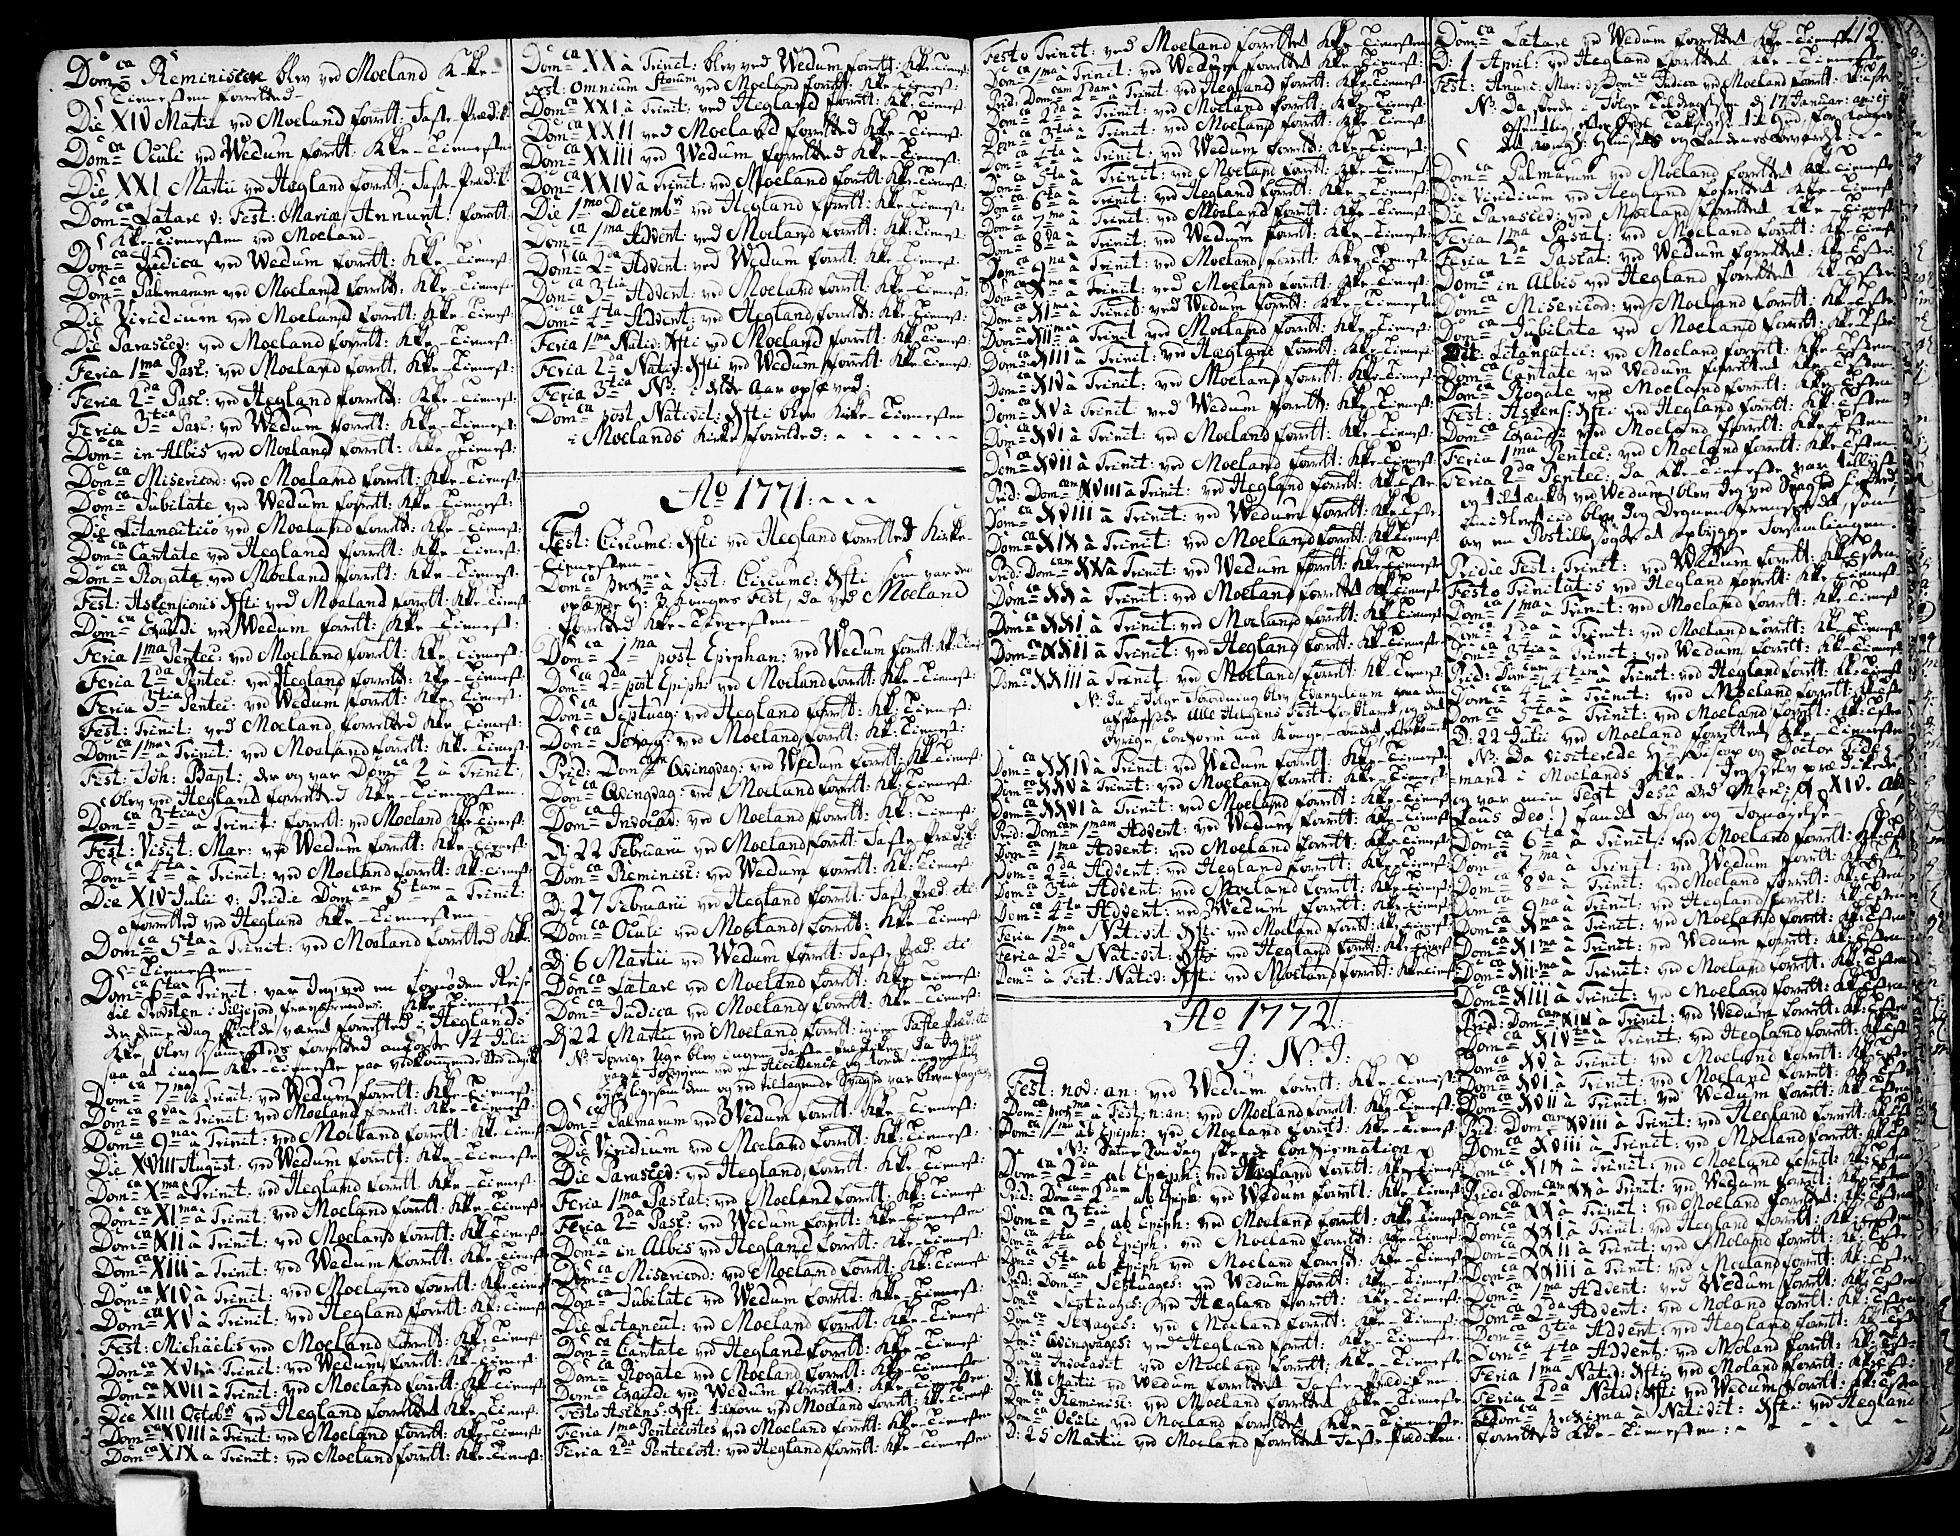 SAKO, Fyresdal kirkebøker, F/Fa/L0002: Ministerialbok nr. I 2, 1769-1814, s. 112